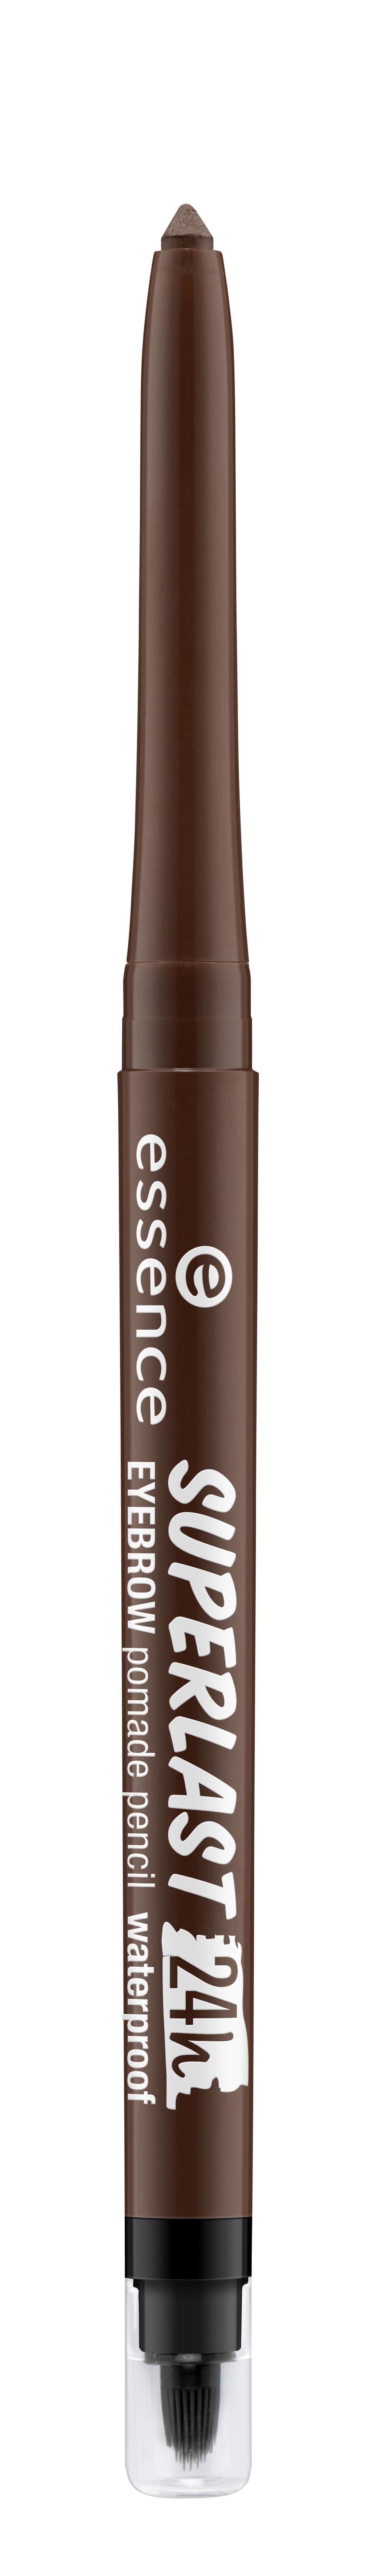 Карандаш для бровей essence Superlast 24h Eyebrow